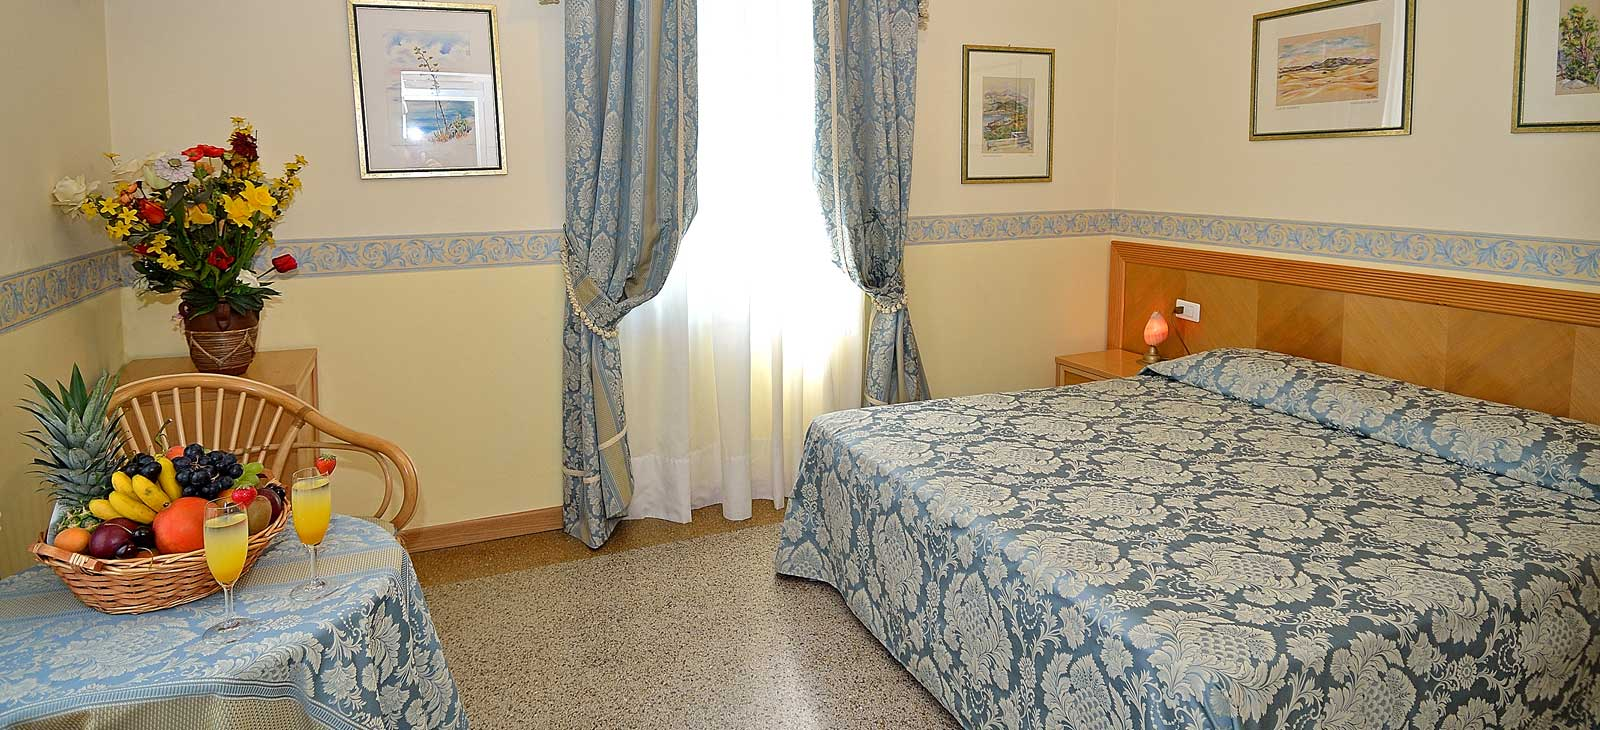 Villa Angelica Venezia